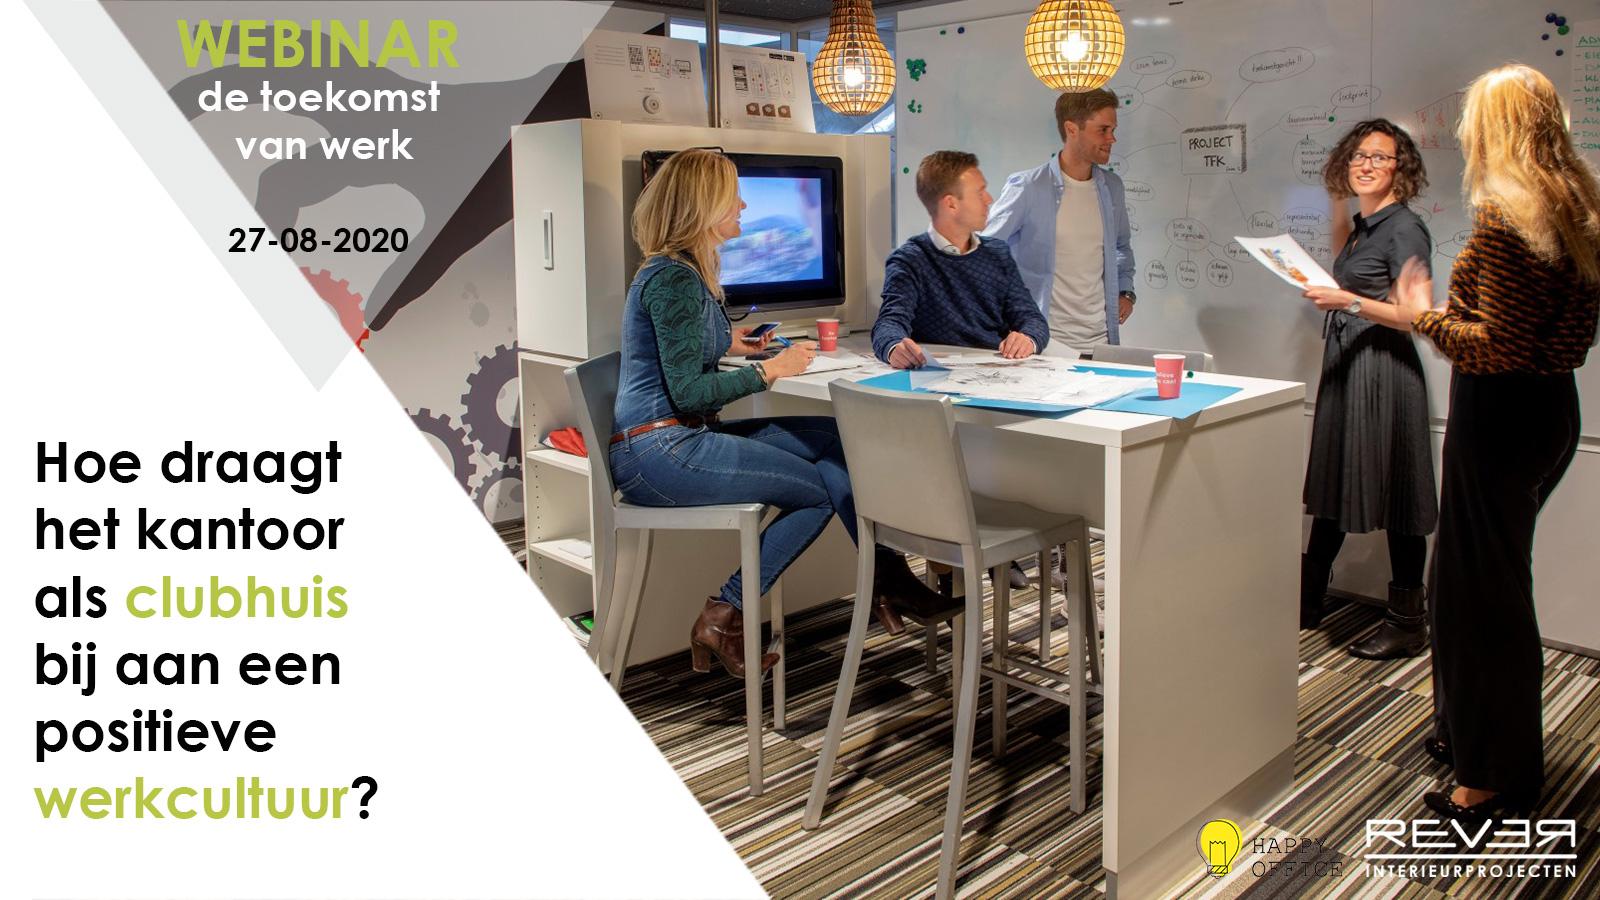 Gratis webinar over de toekomst van werk: Hoe draagt het kantoor als clubhuis bij aan een positieve werkcultuur?